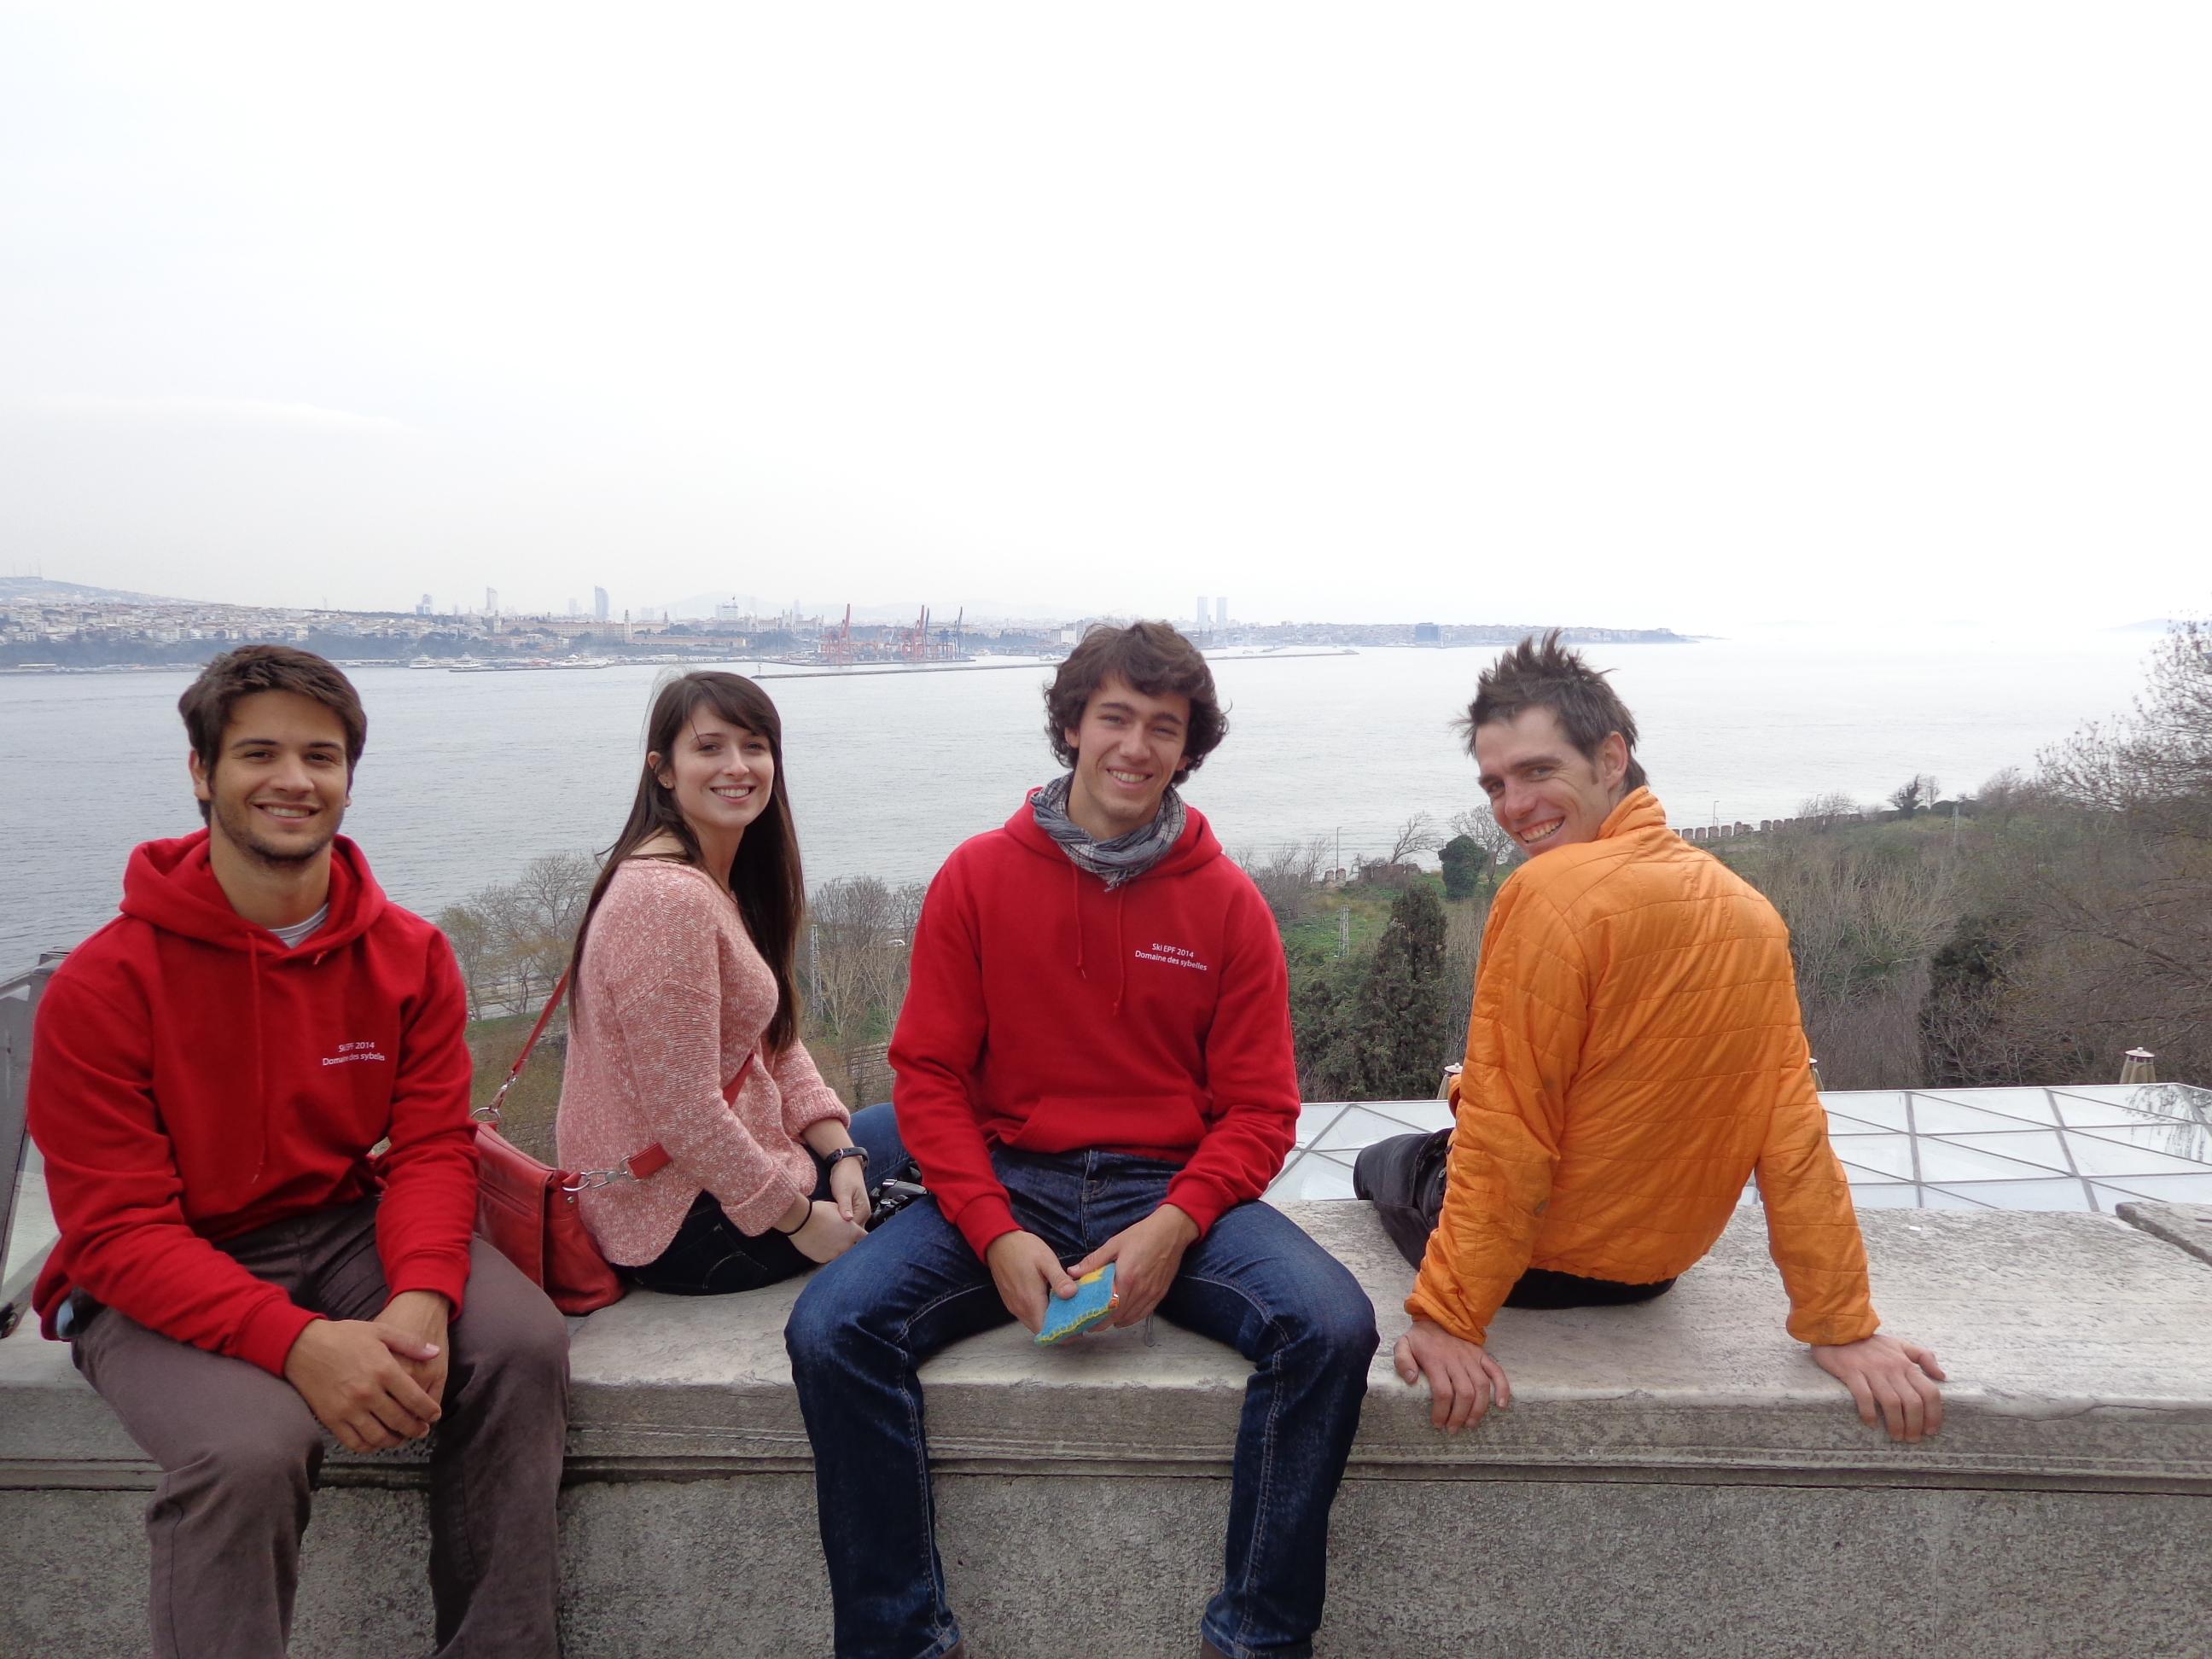 New friends in Turkey